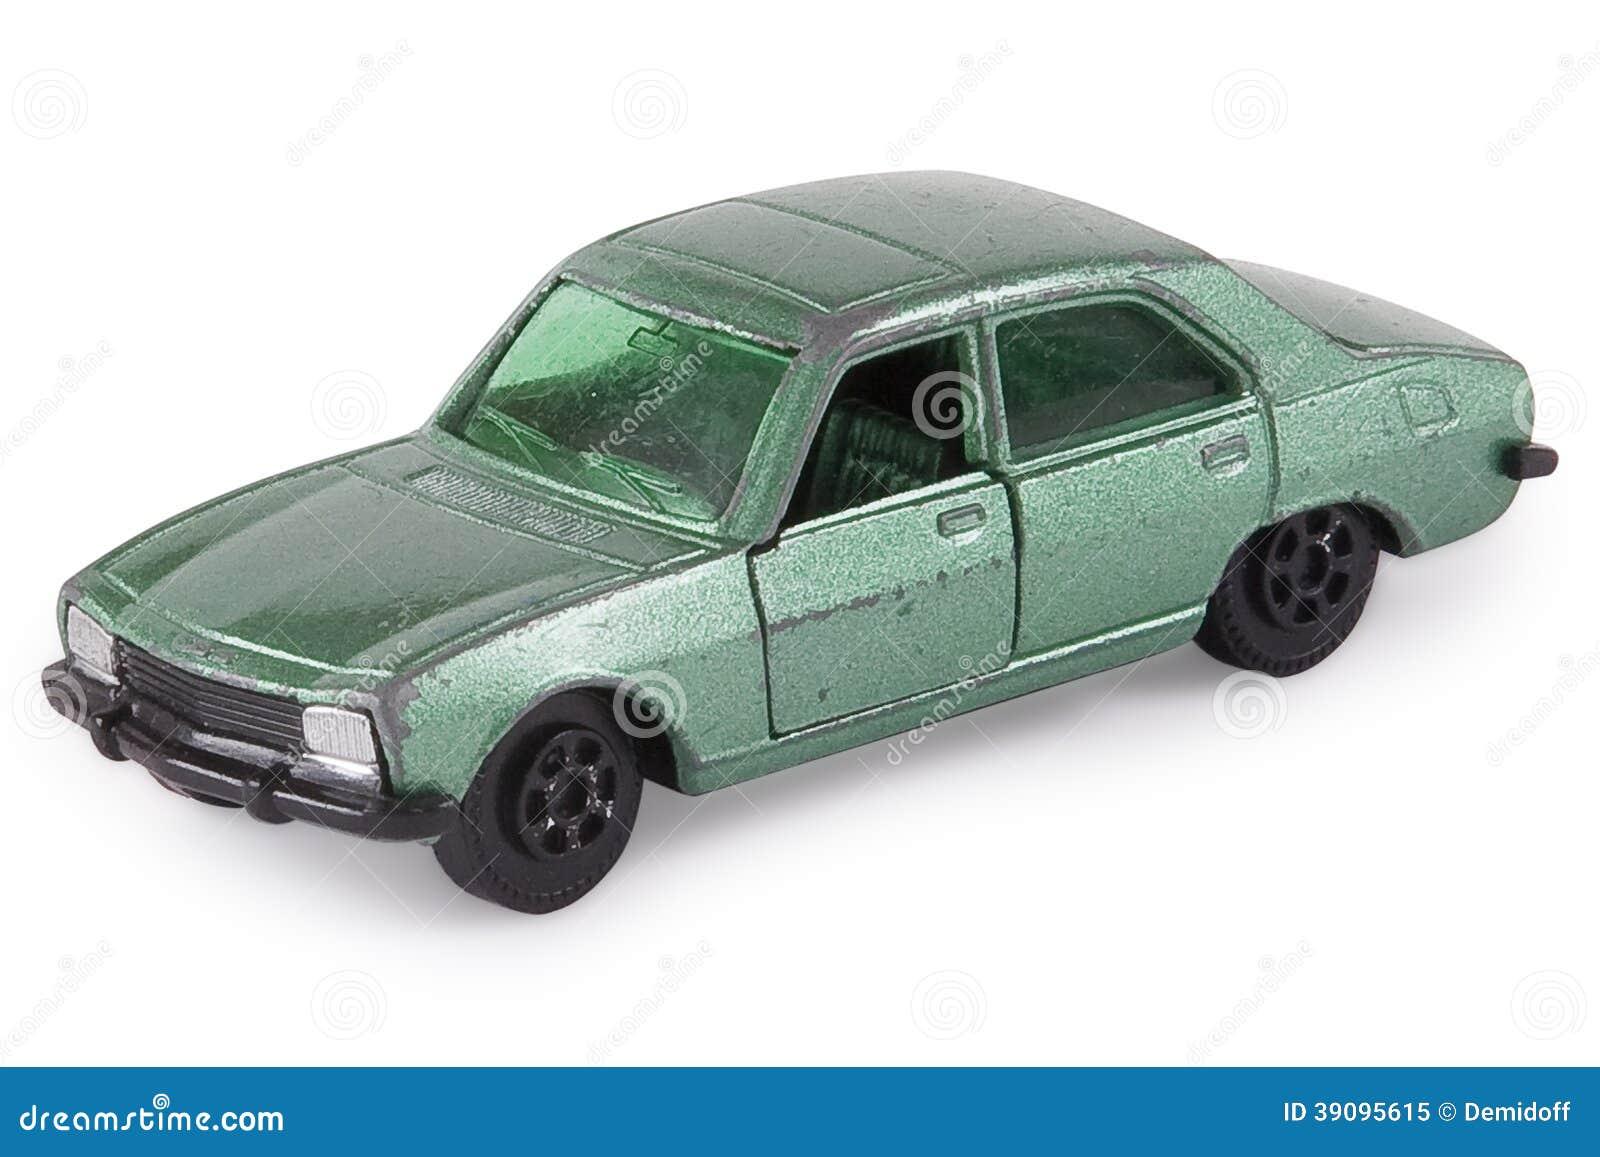 Vieille voiture de jouet photo stock image 39095615 - Image de vieille voiture ...